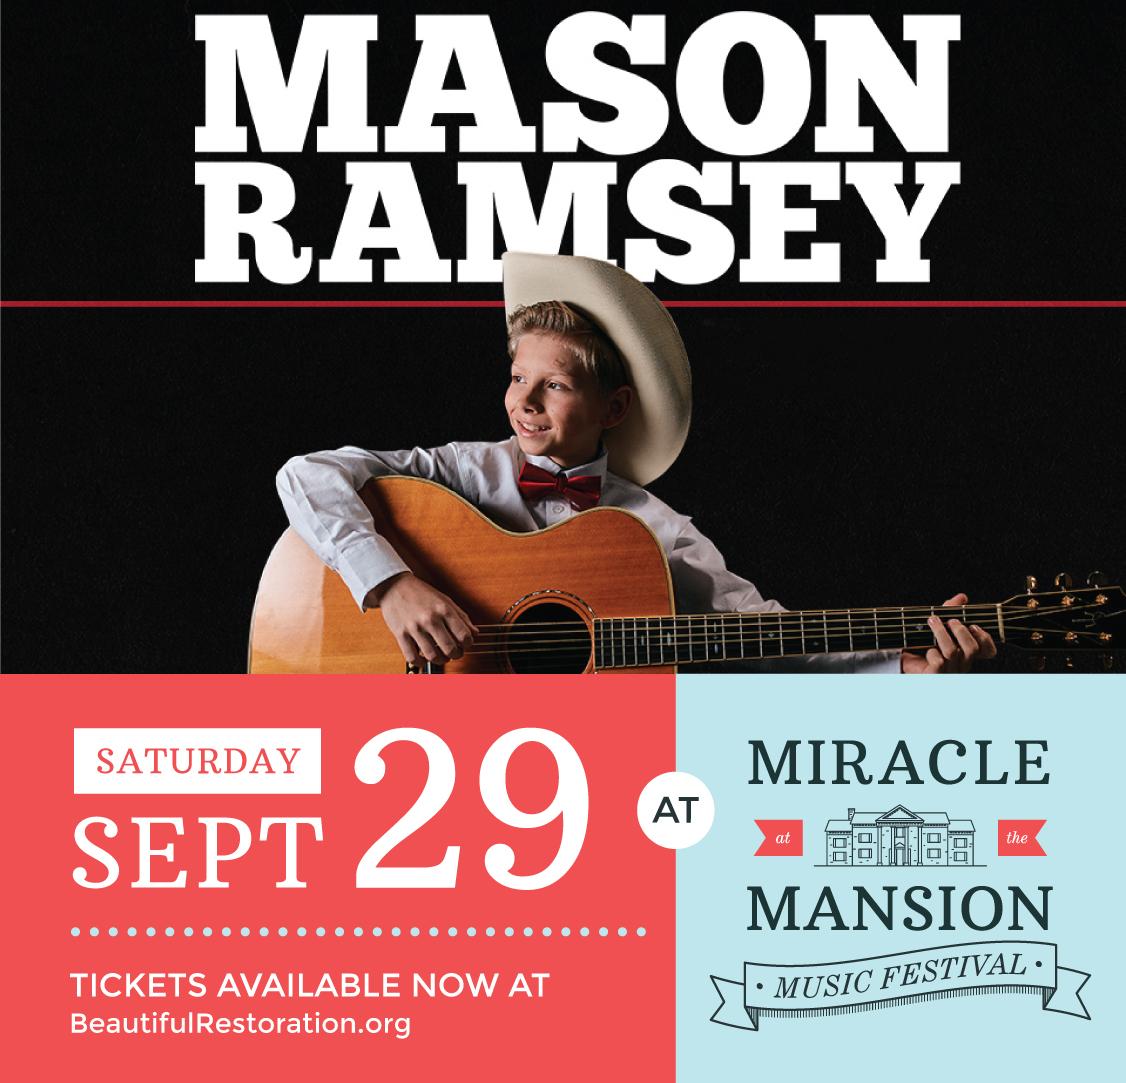 Miracle-at-the-Mansion-Mason-Ramsey.jpg